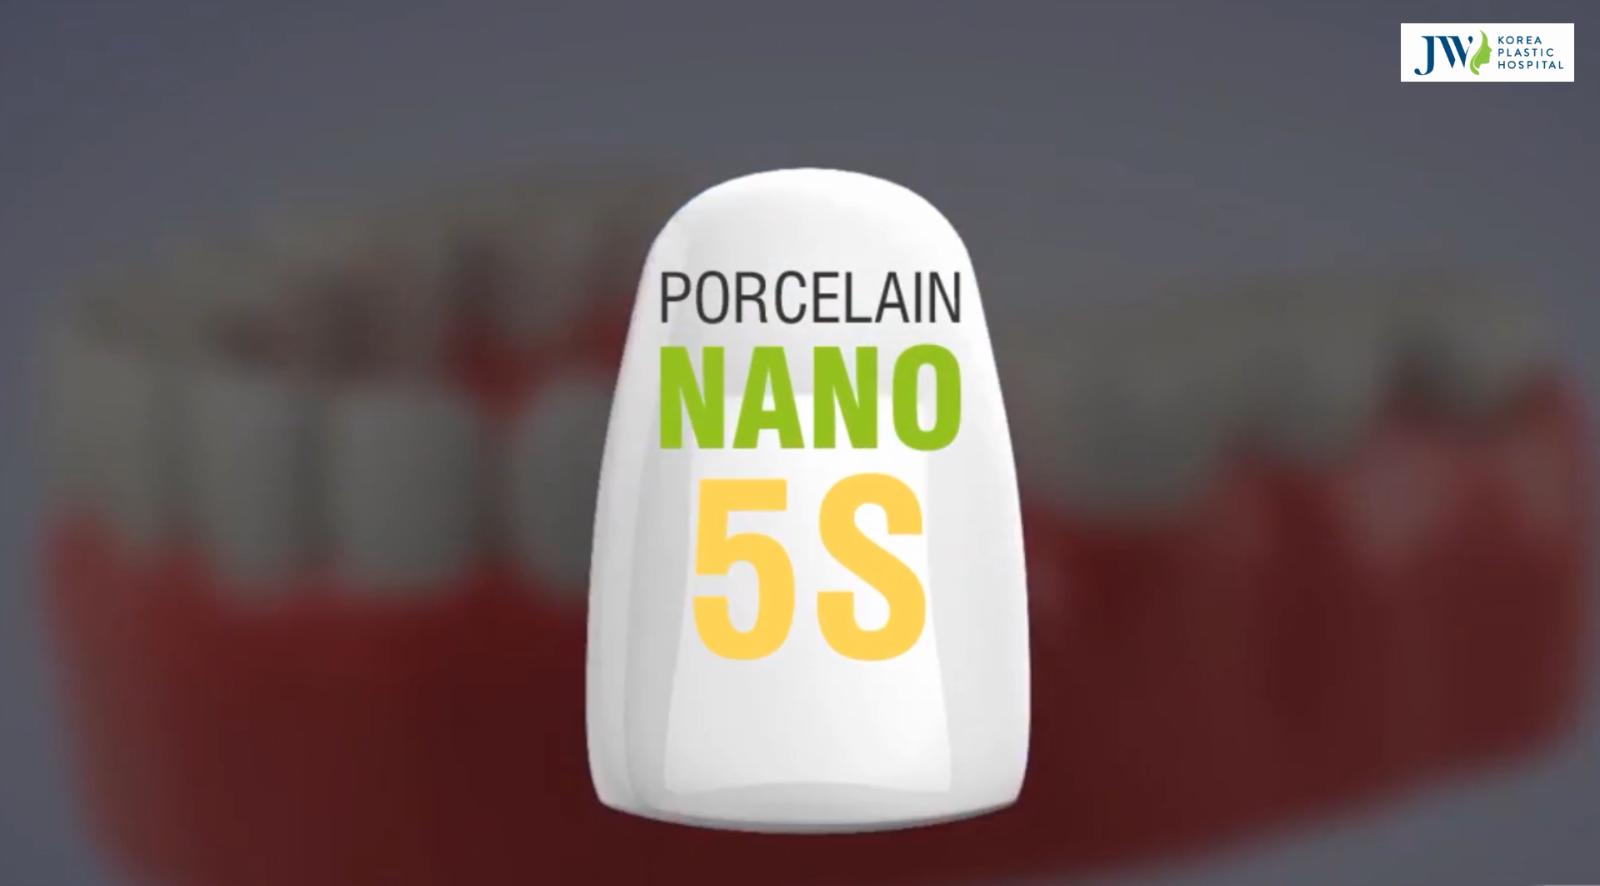 Bọc răng sứ Porcelain nano 5S độc quyền tại JW